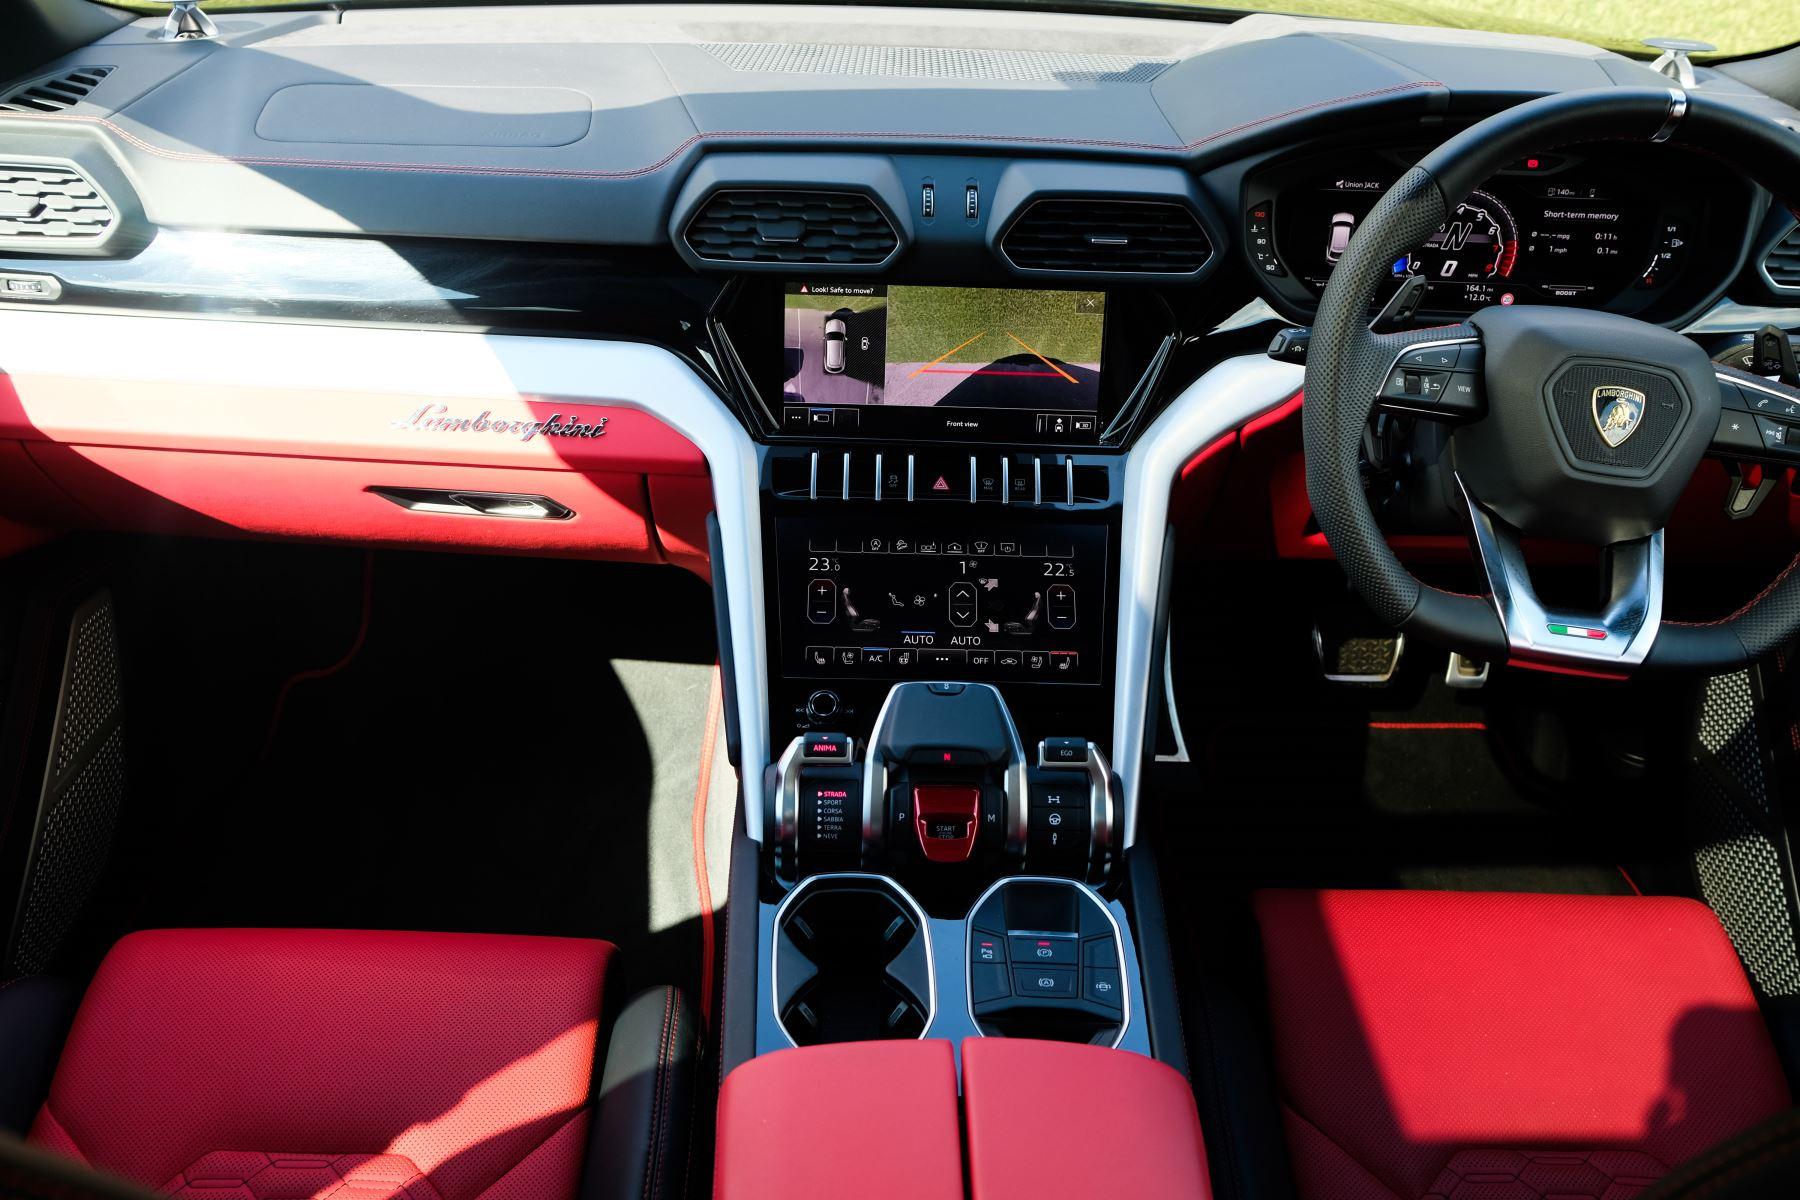 Lamborghini Urus 4.0T FSI V8 AUTO- 4 SEAT CONFIGURATION - NIGHT VISION - 23 INCH ALLOYS image 7